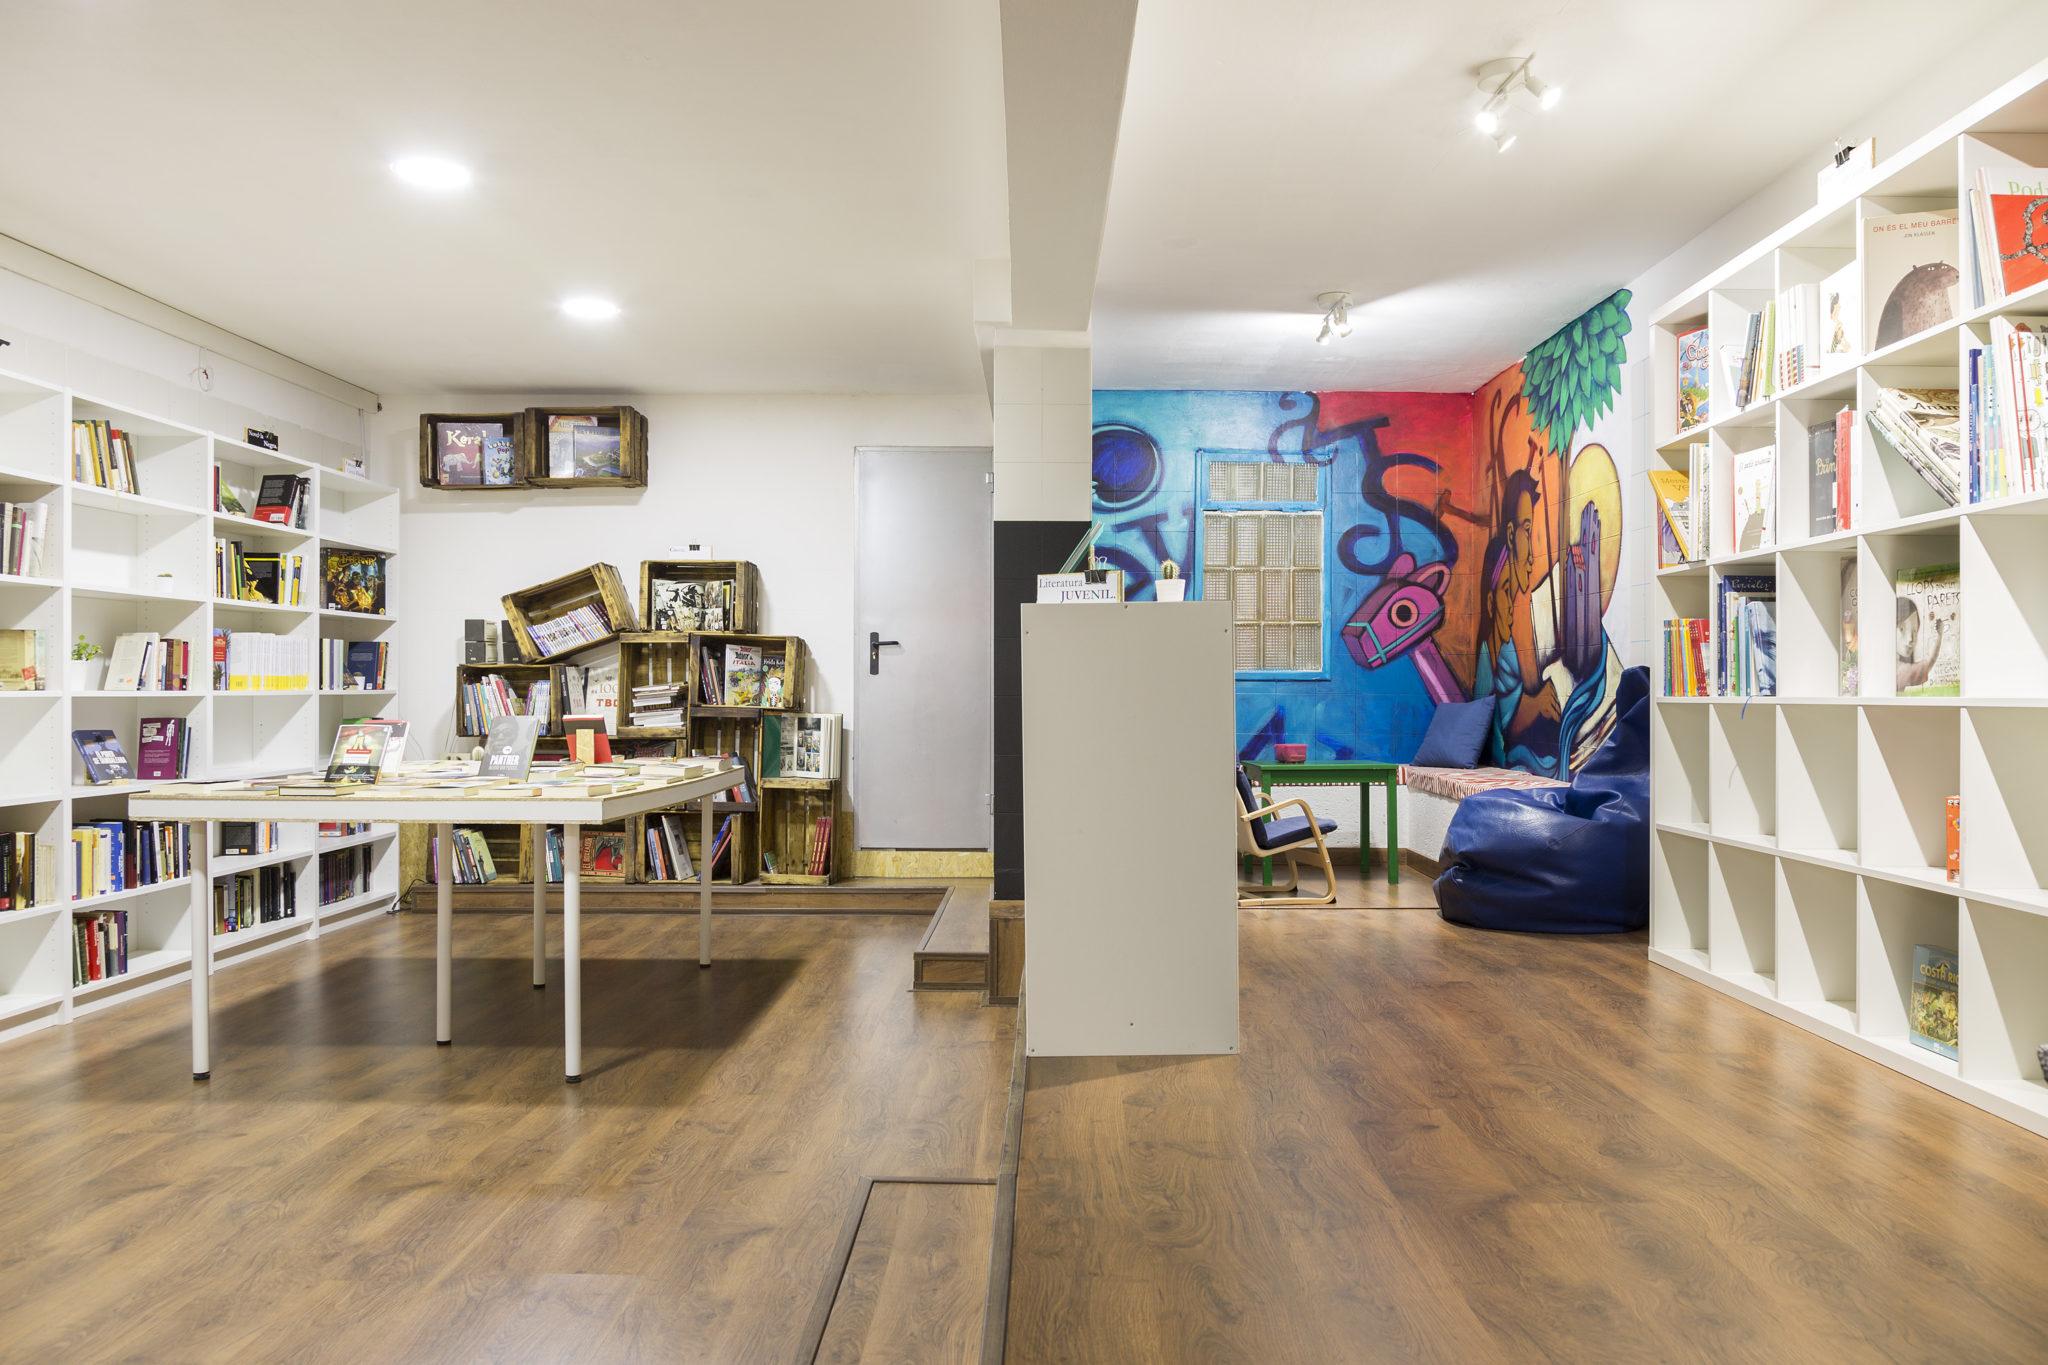 Fons de llibres, sala d'activitats i espai infantil a La carbonera llibreria